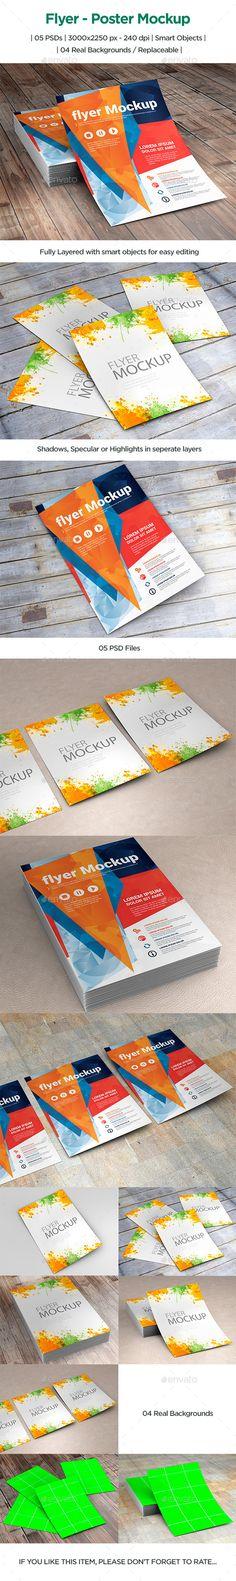 Flyer – Poster Mockup #design Download: http://graphicriver.net/item/flyer-poster-mockup/12366829?ref=ksioks